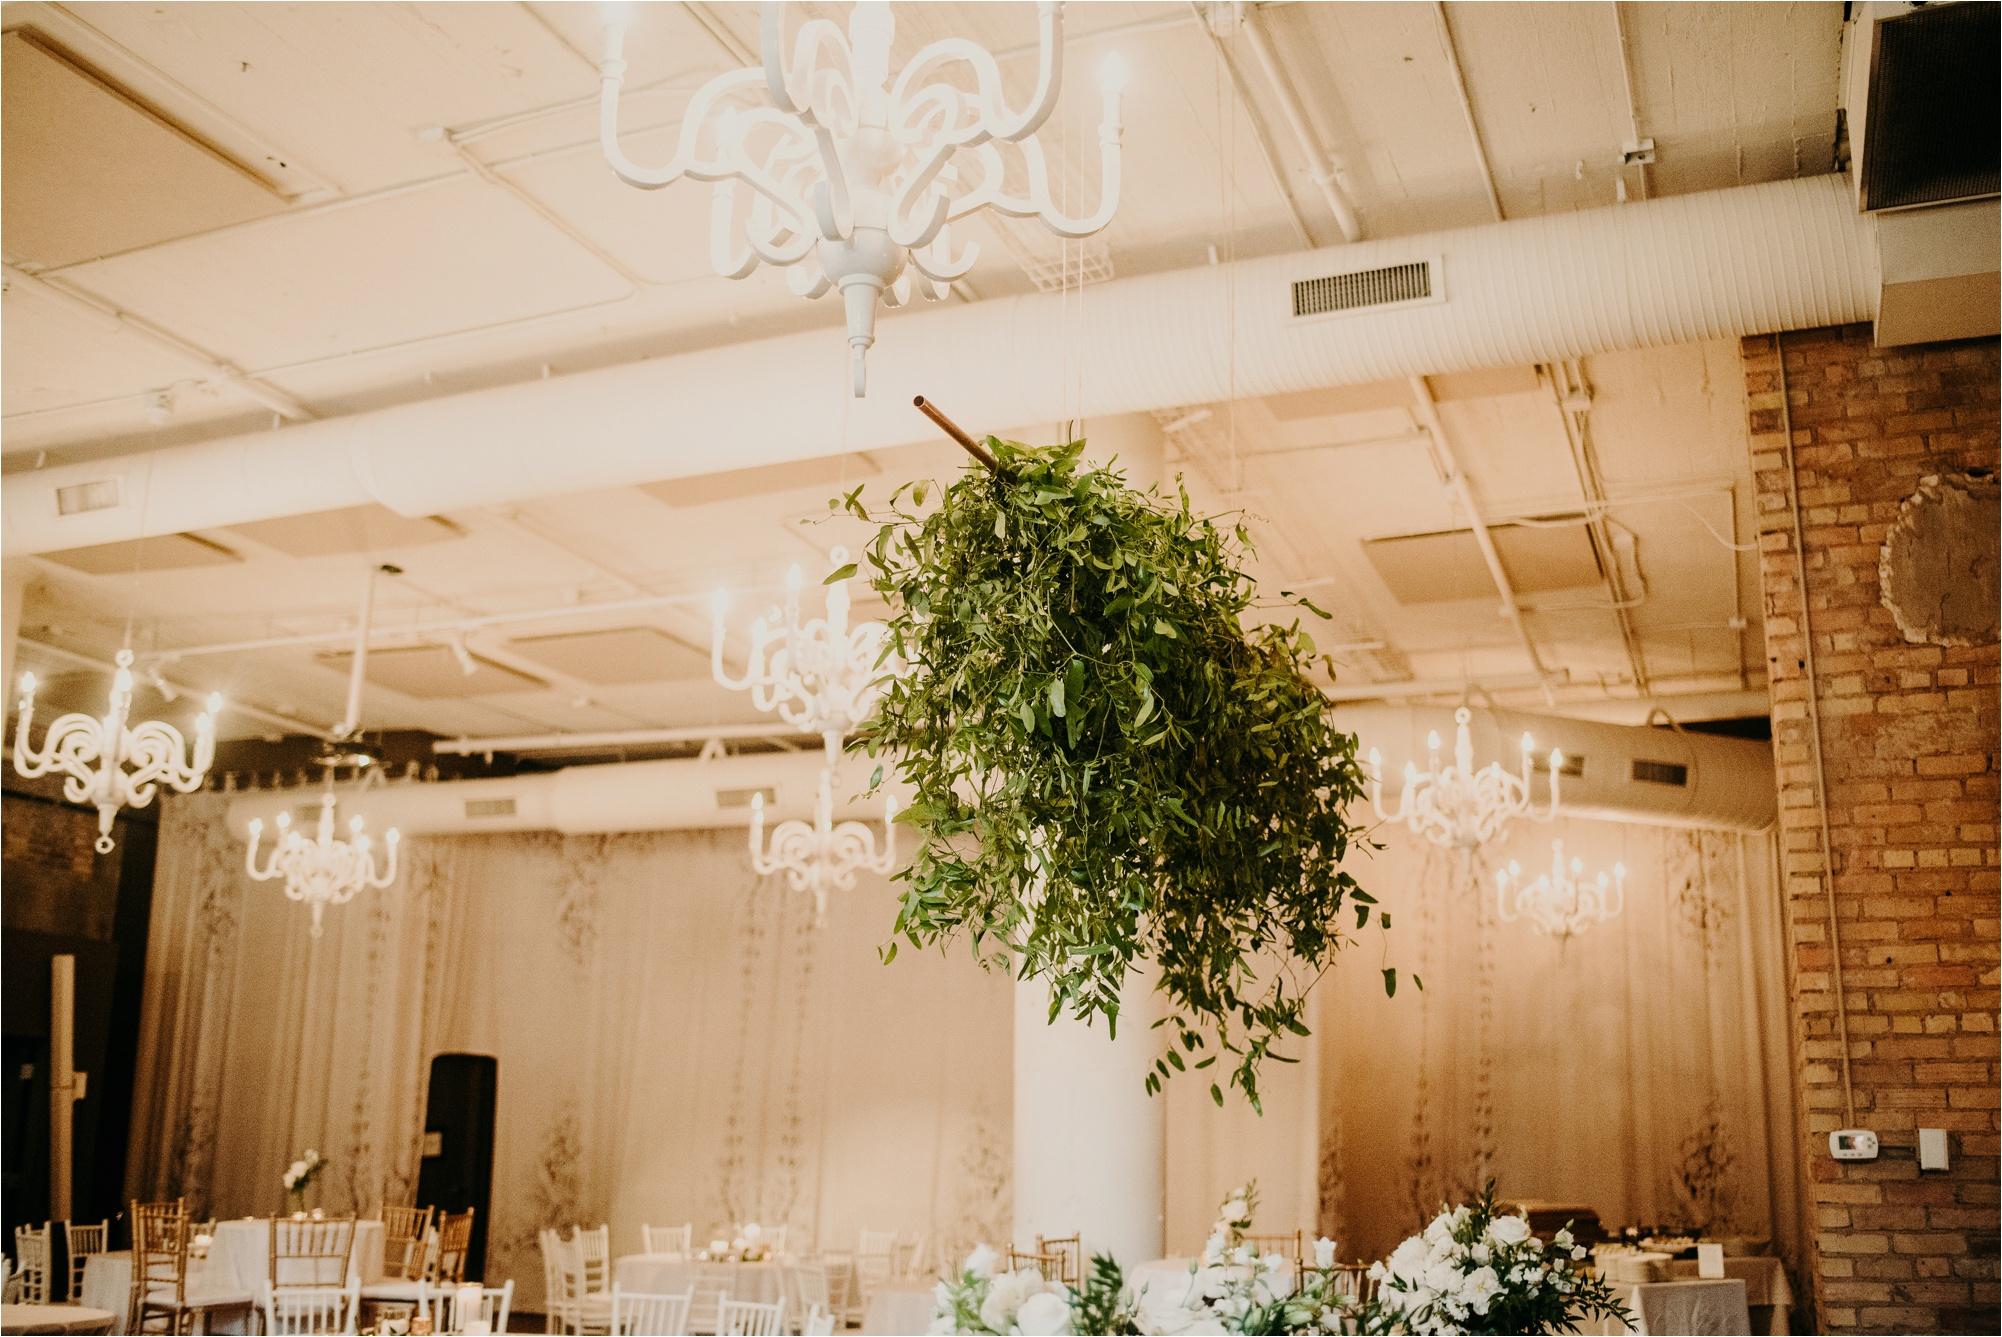 loring social minneapolis wedding reception photos